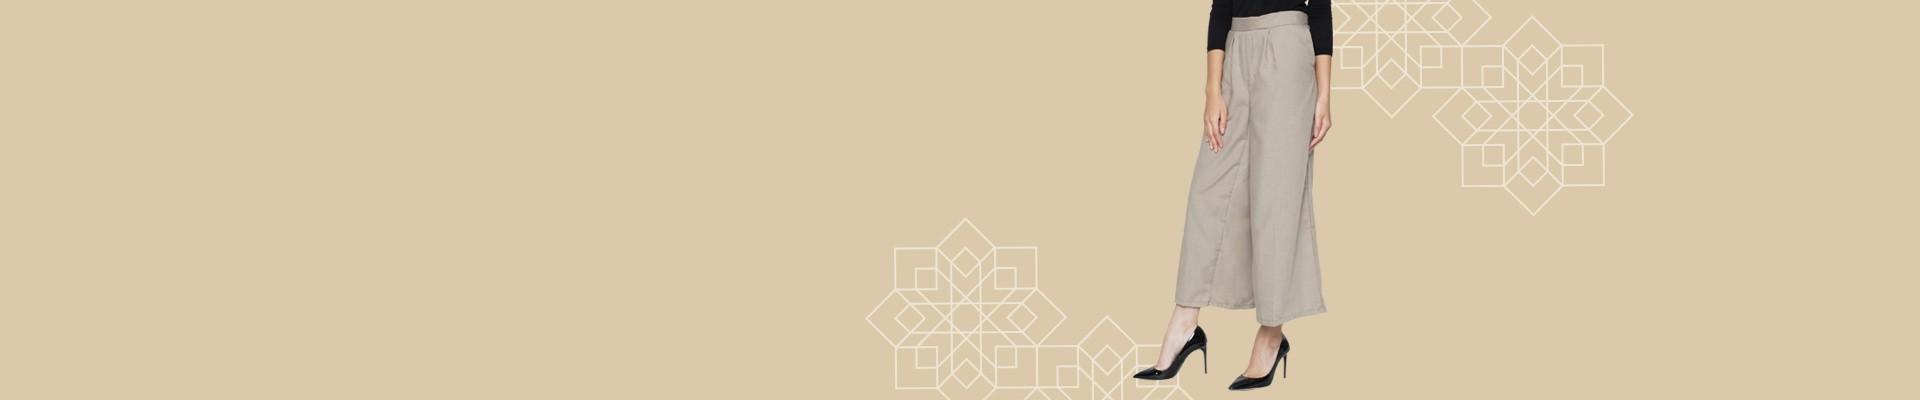 Jual Bawahan Muslim Wanita Muslim Online - Model Terbaru - Harga Murah